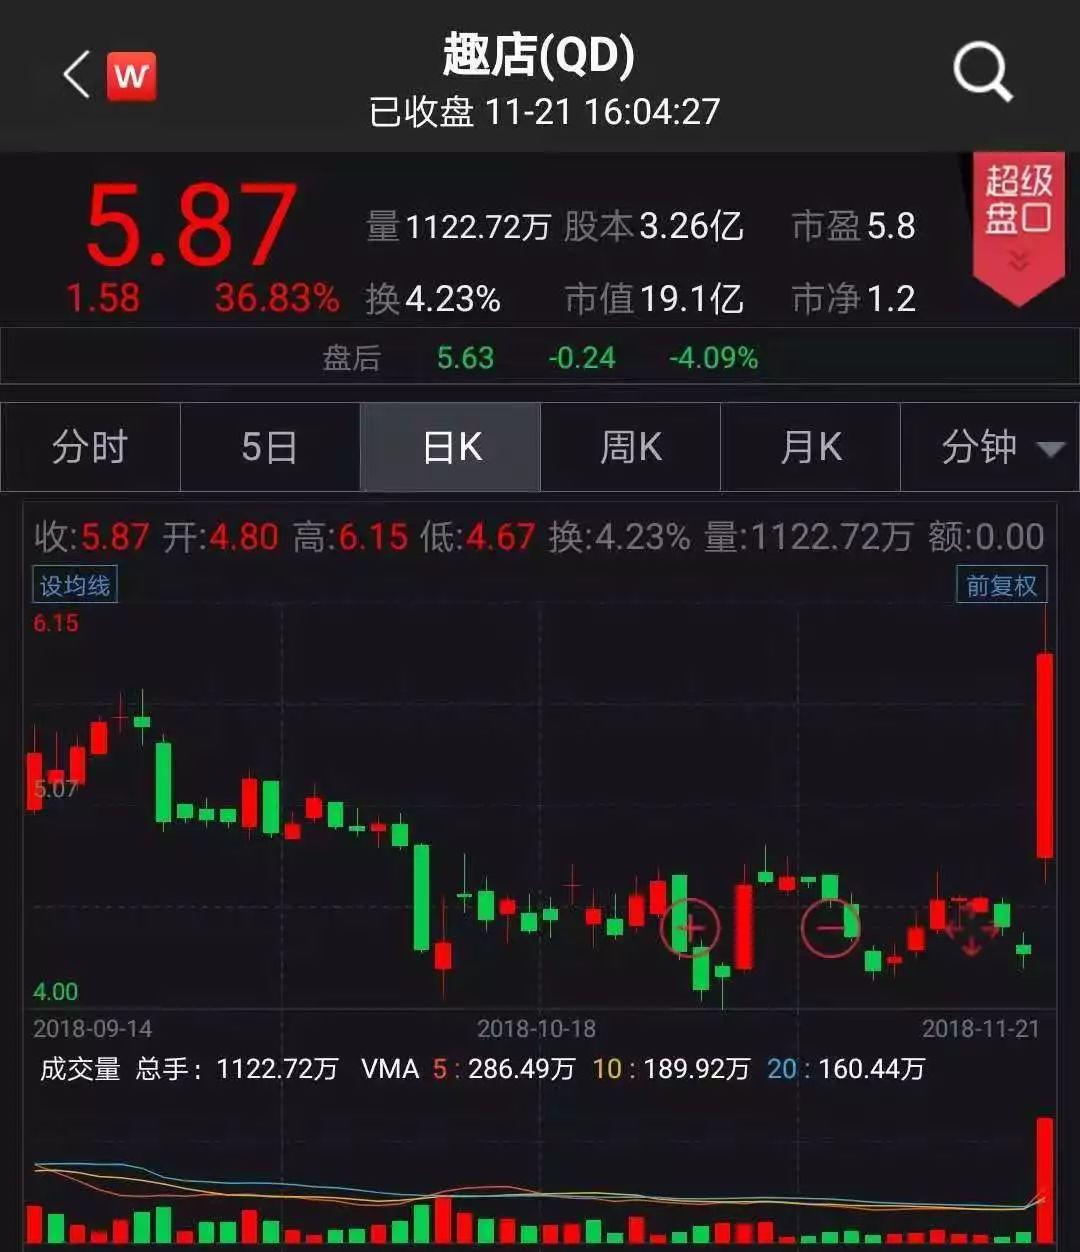 黄金期货价_56% comex 12月黄金期货周三上涨0.56%,报1228.00美元/盎司.